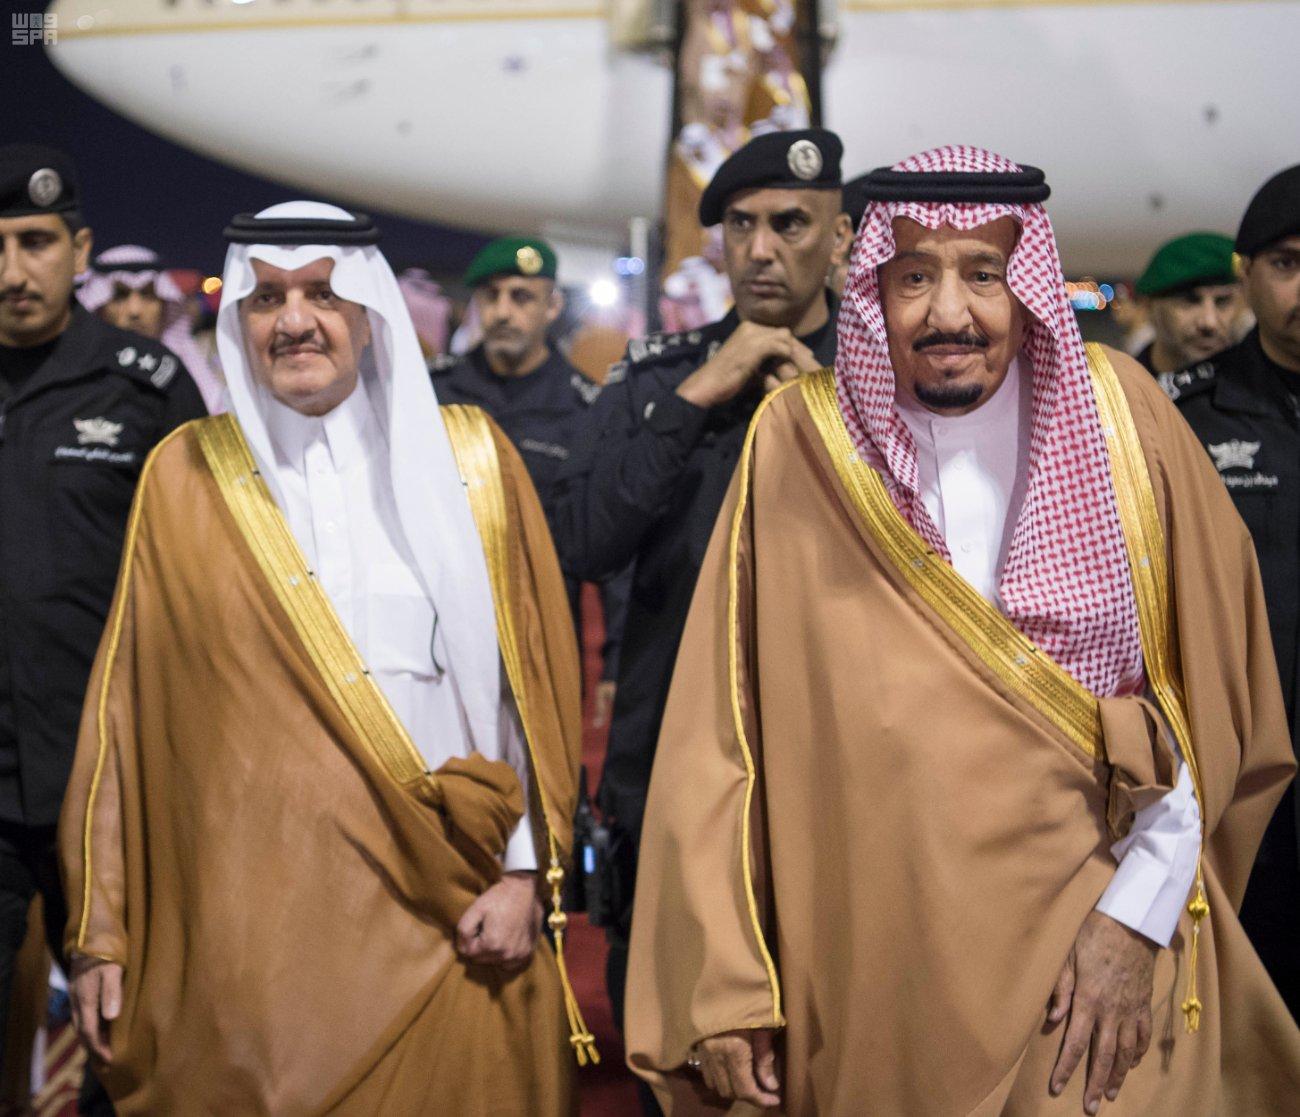 خادم الحرمين الشريفين يصل إلى المنطقة الشرقية قادماً من الرياض